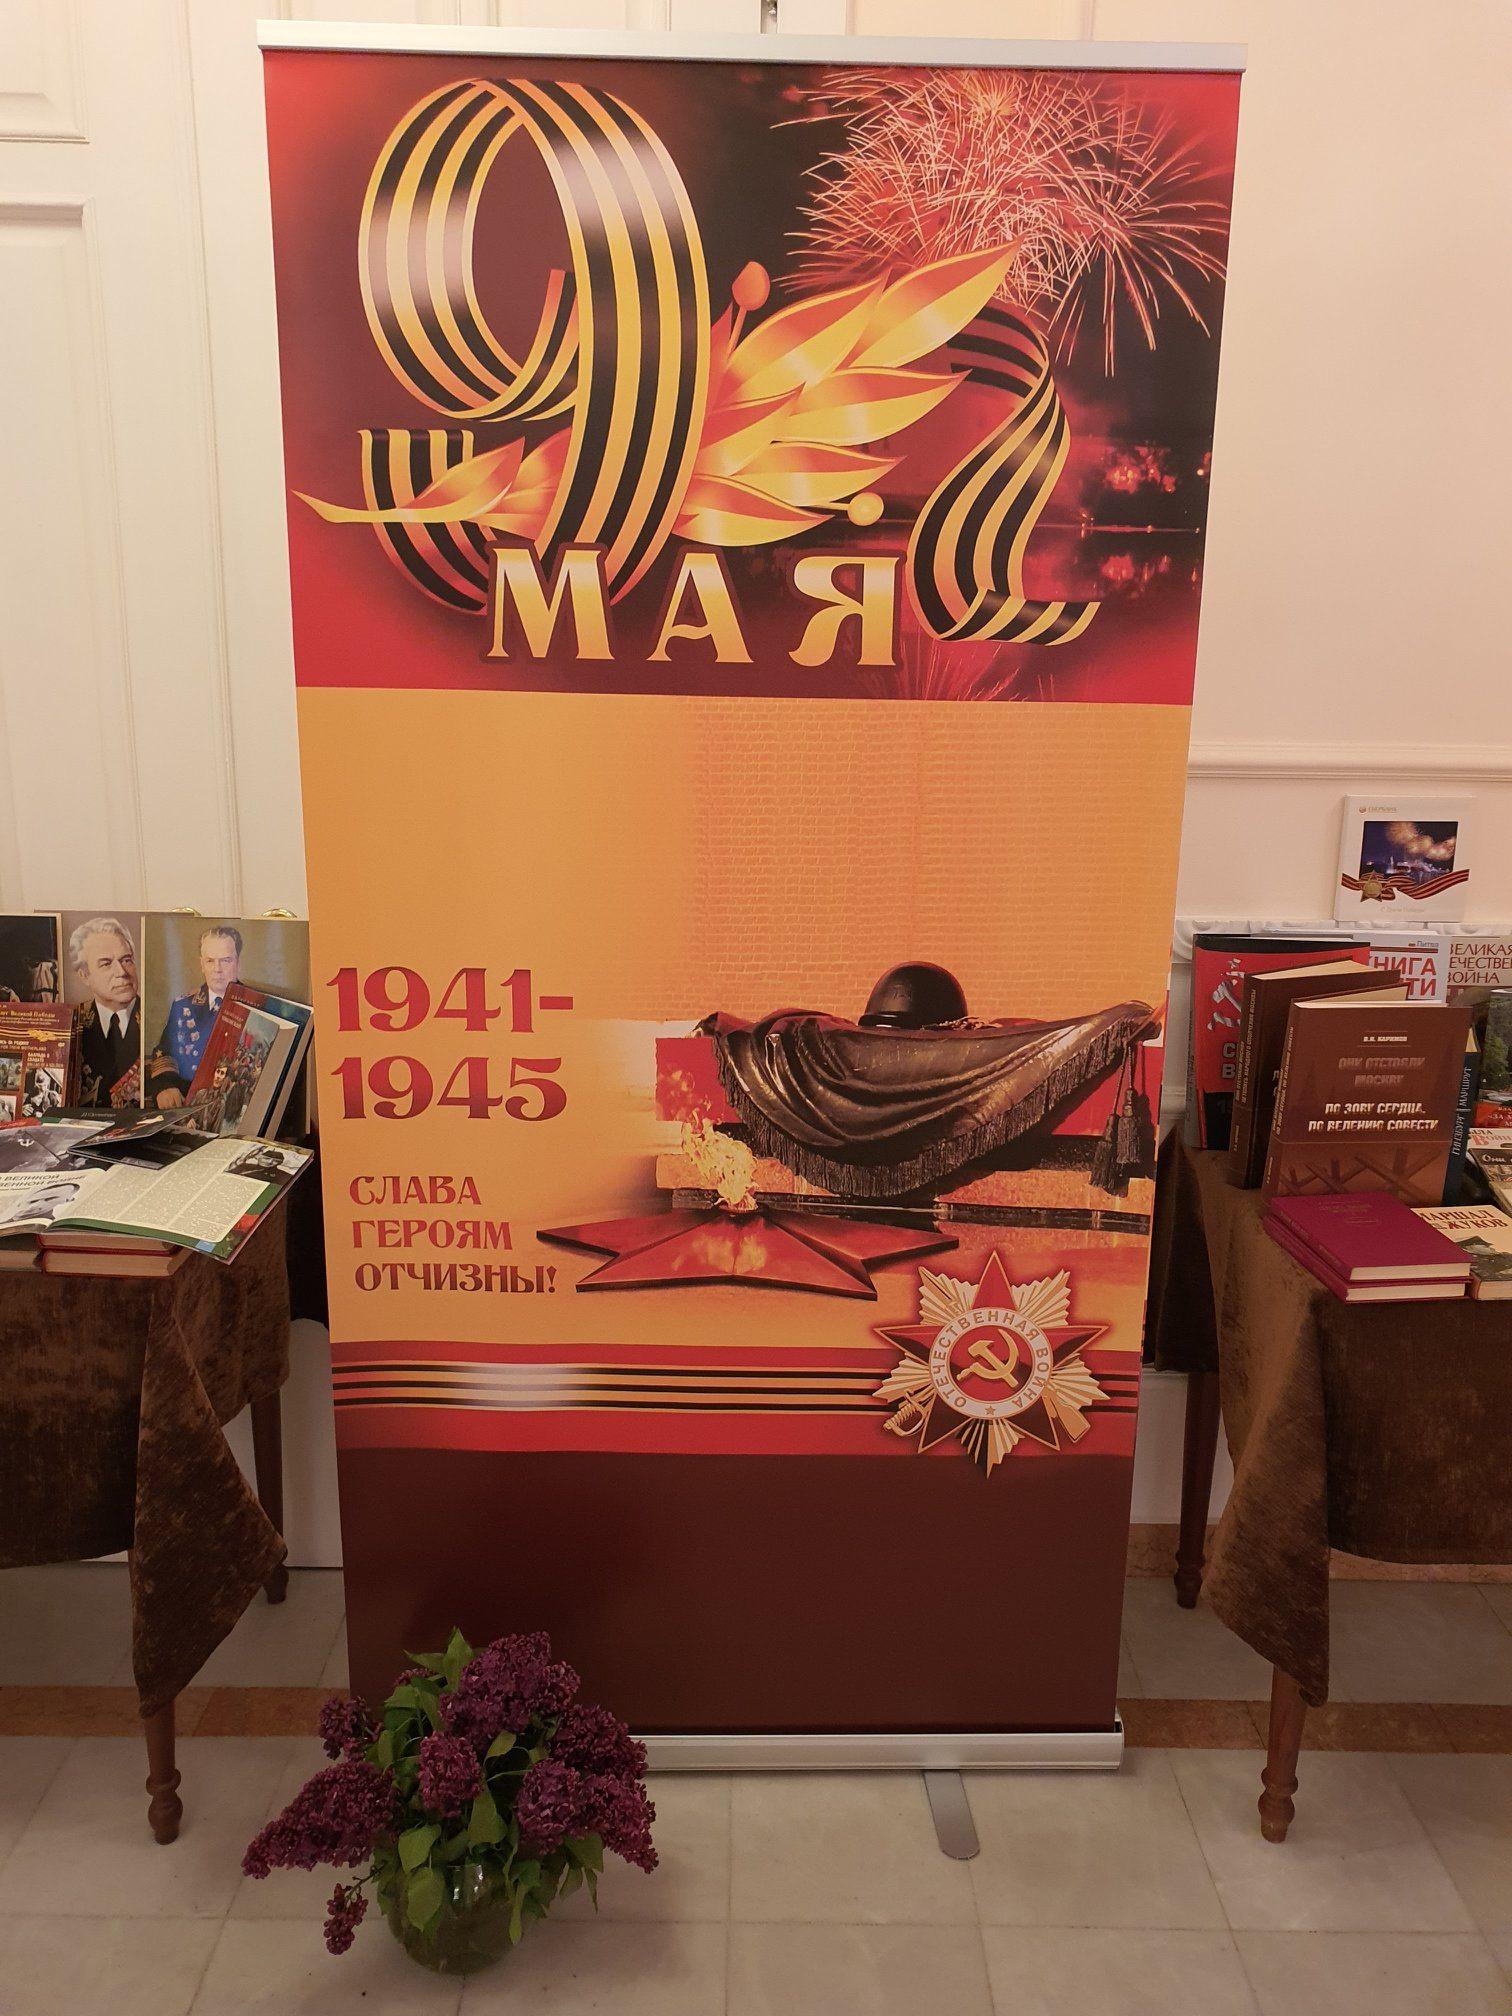 В связи с 75-летнем Победы в Великой Отечественной войне 7 мая с.г. в Секции интересов состоялось торжественное открытие тематической выставки